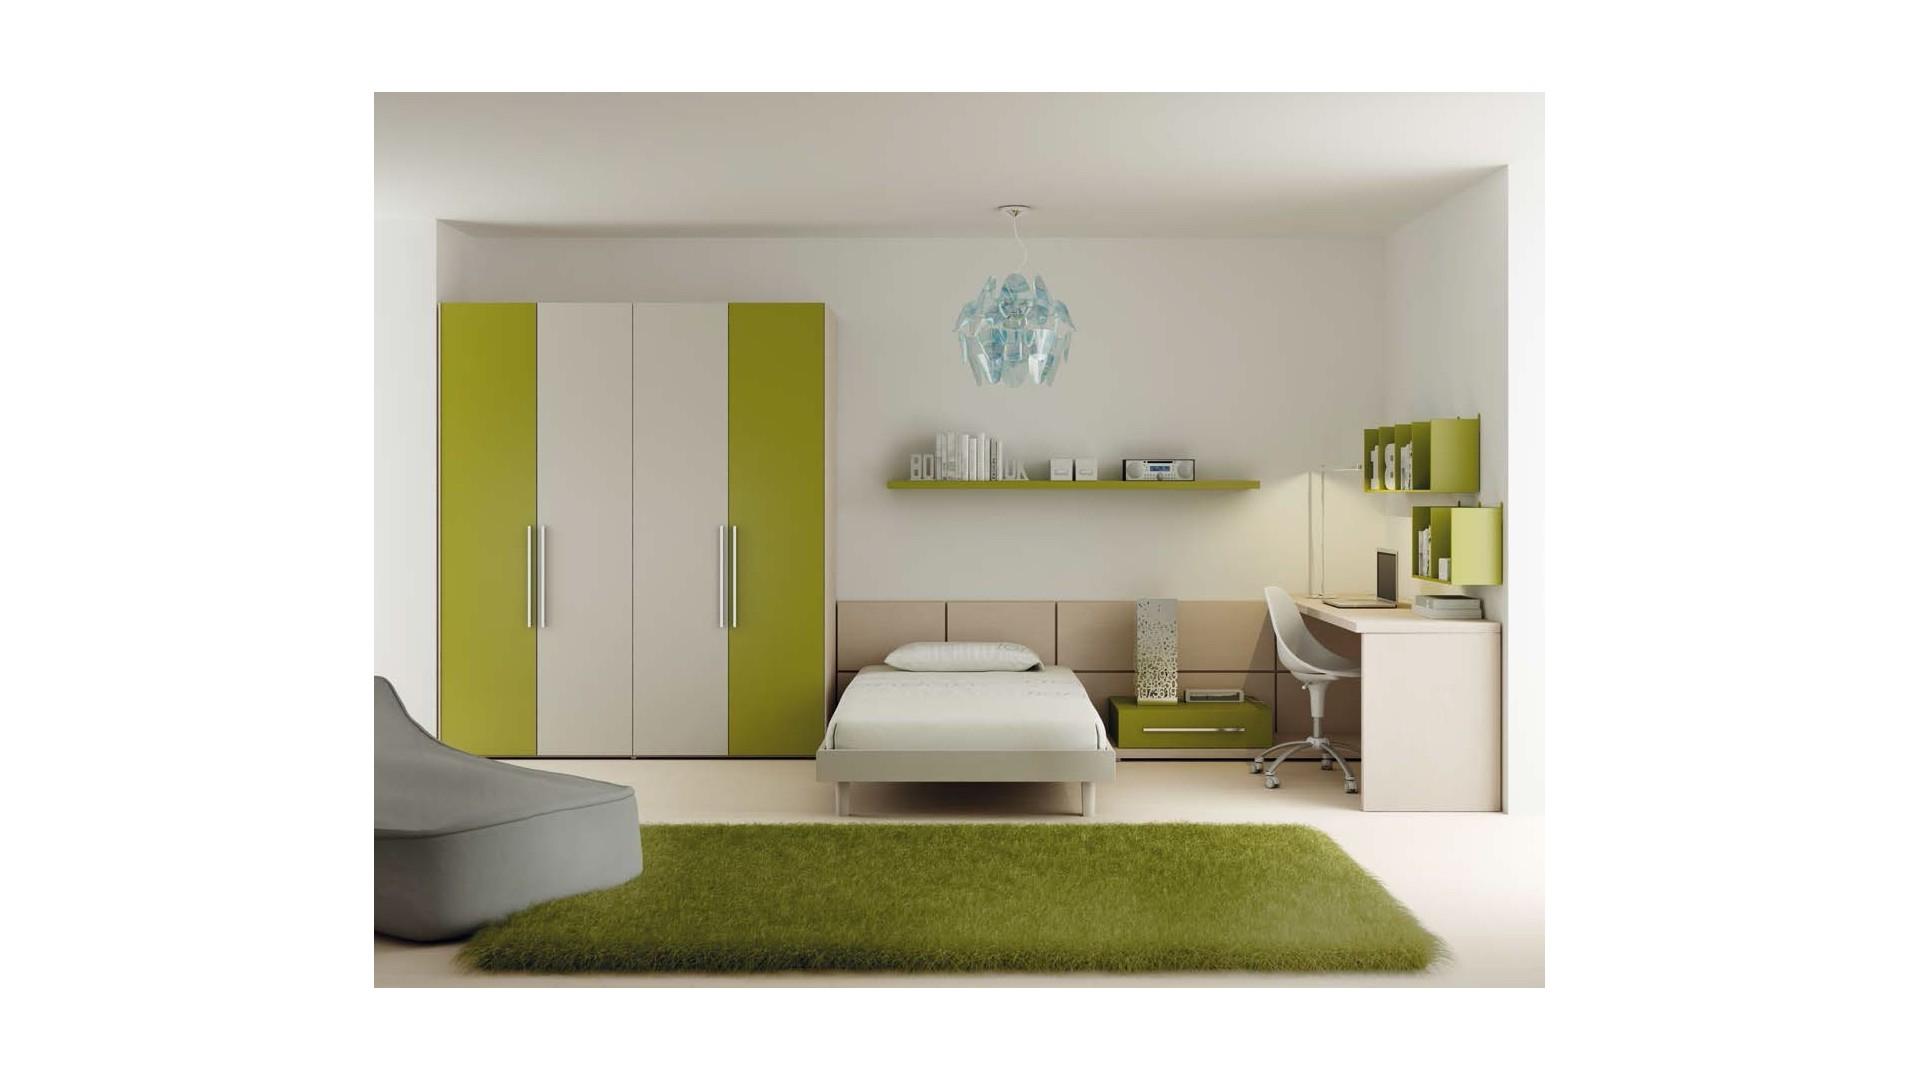 Chambre complète PERSONNALISABLE LH16 avec lit ado - MORETTI COMPACT